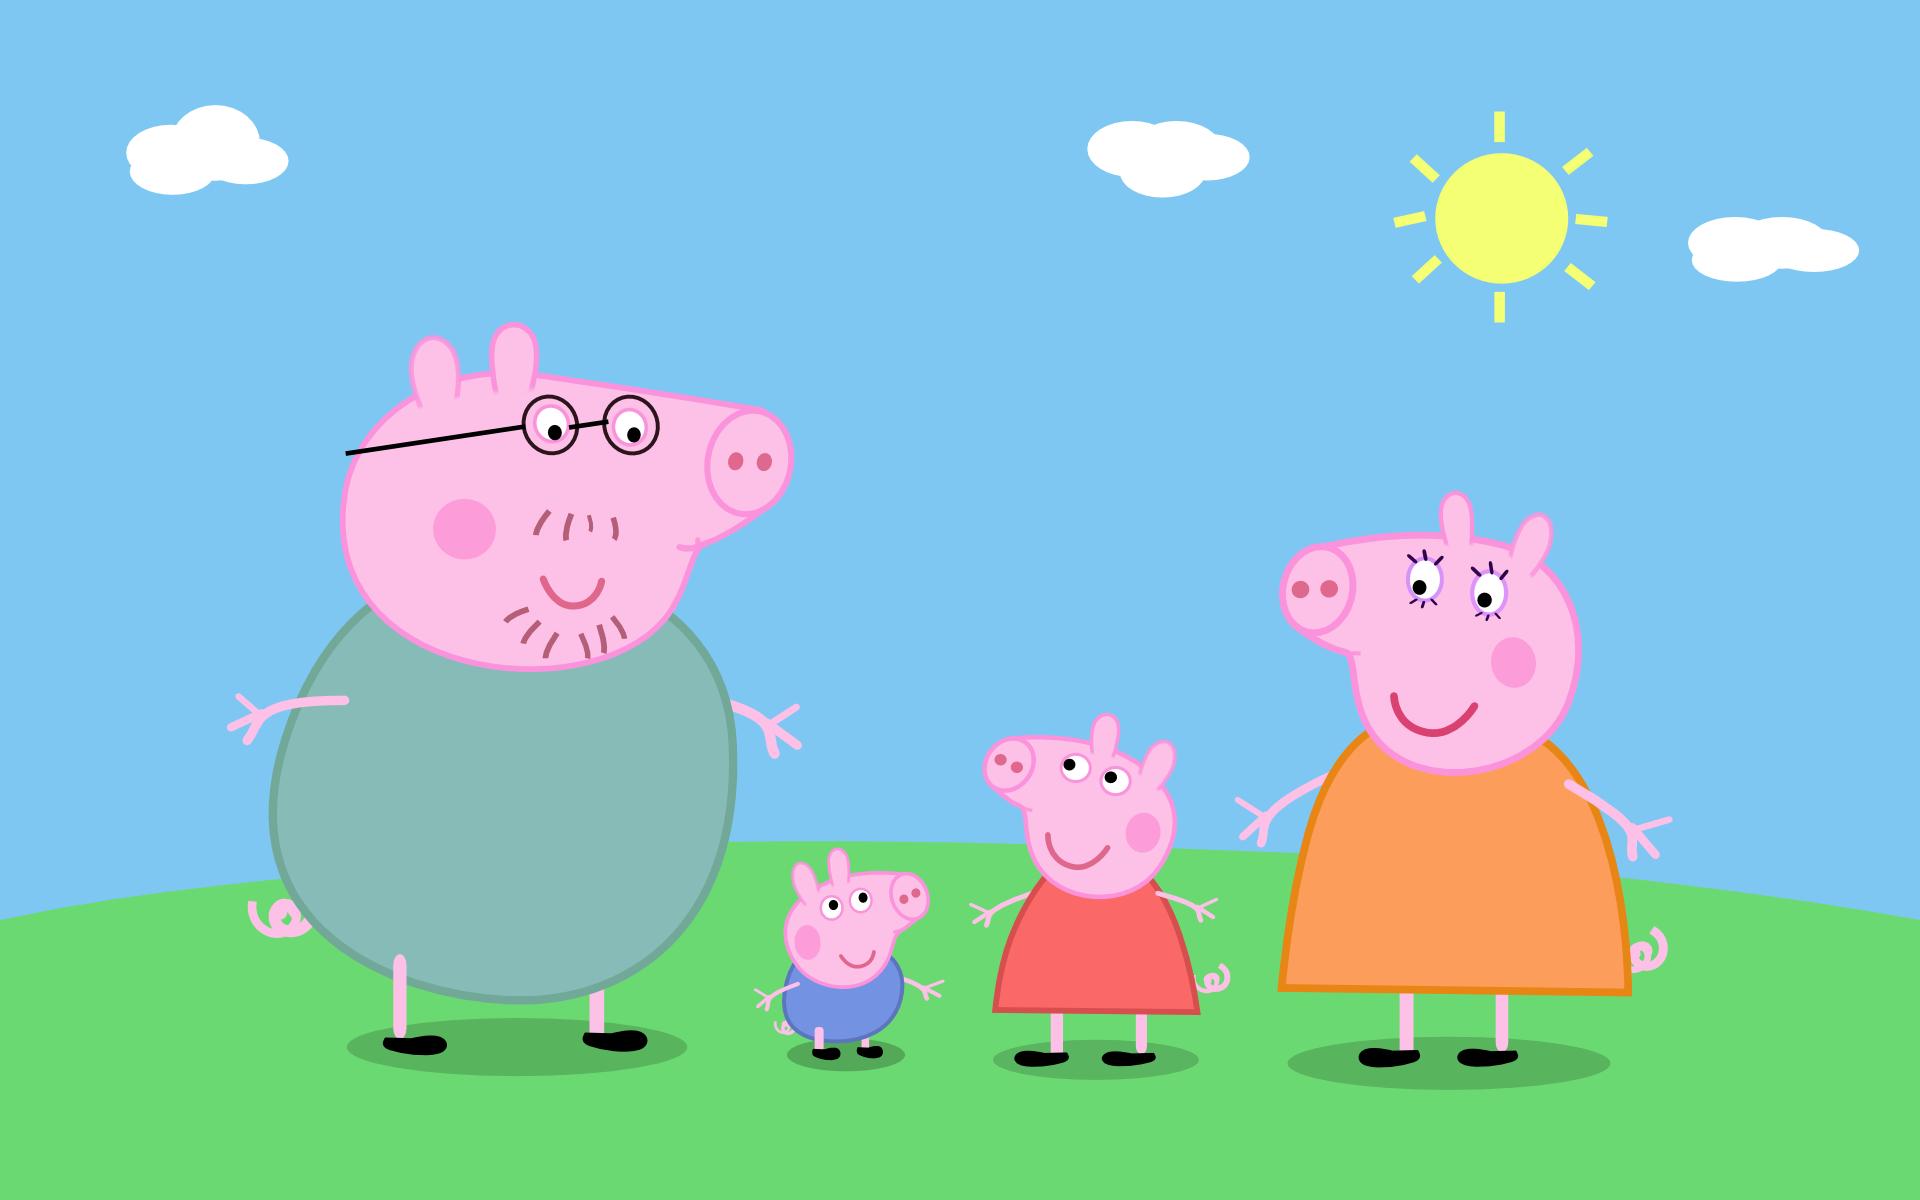 Peppa Pig HD Wallpaper - WallpaperSafari